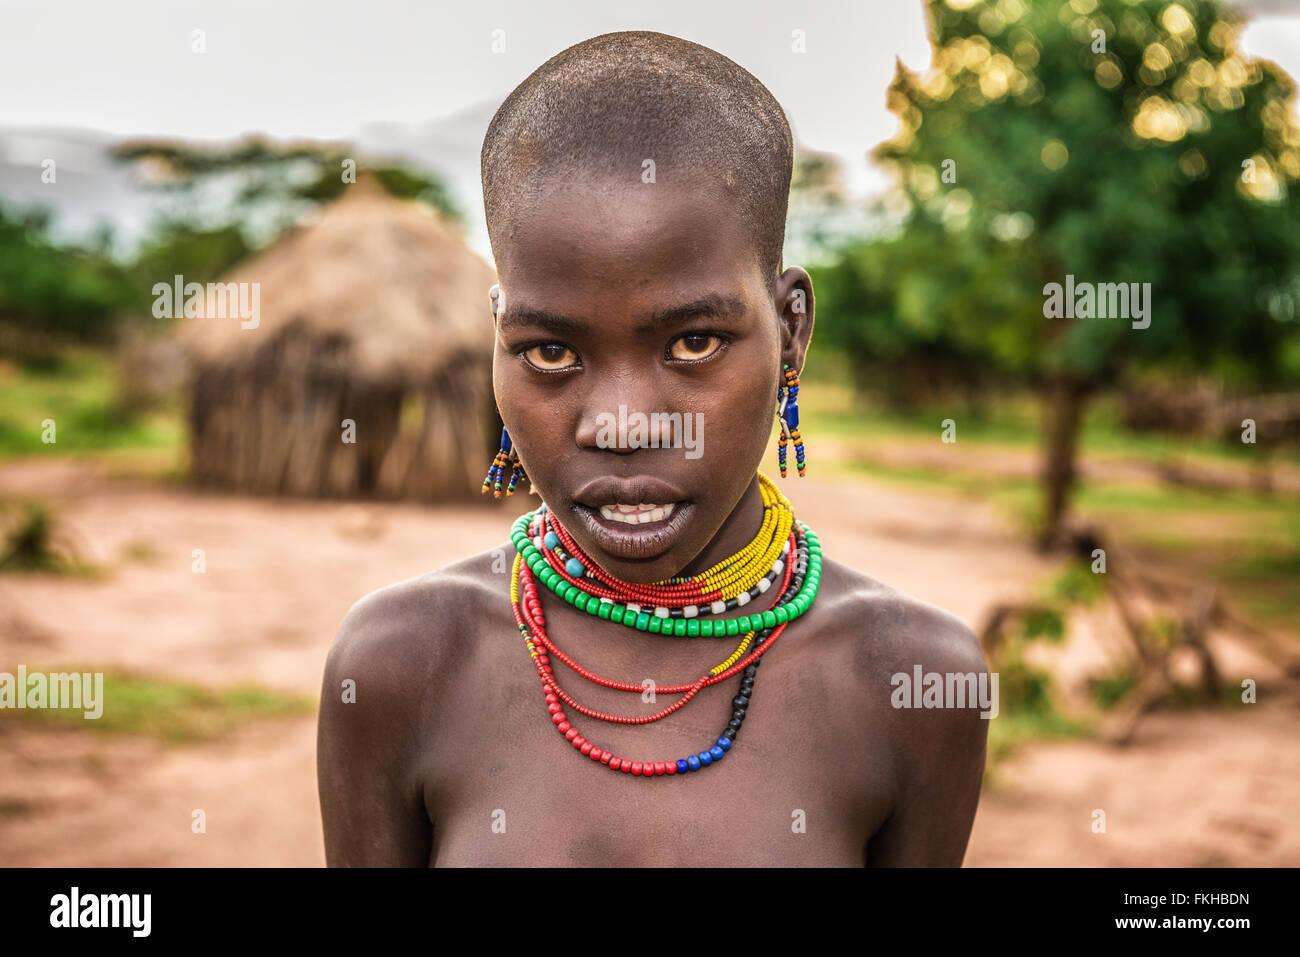 Ritratto di una giovane donna africana nel suo villaggio. Immagini Stock